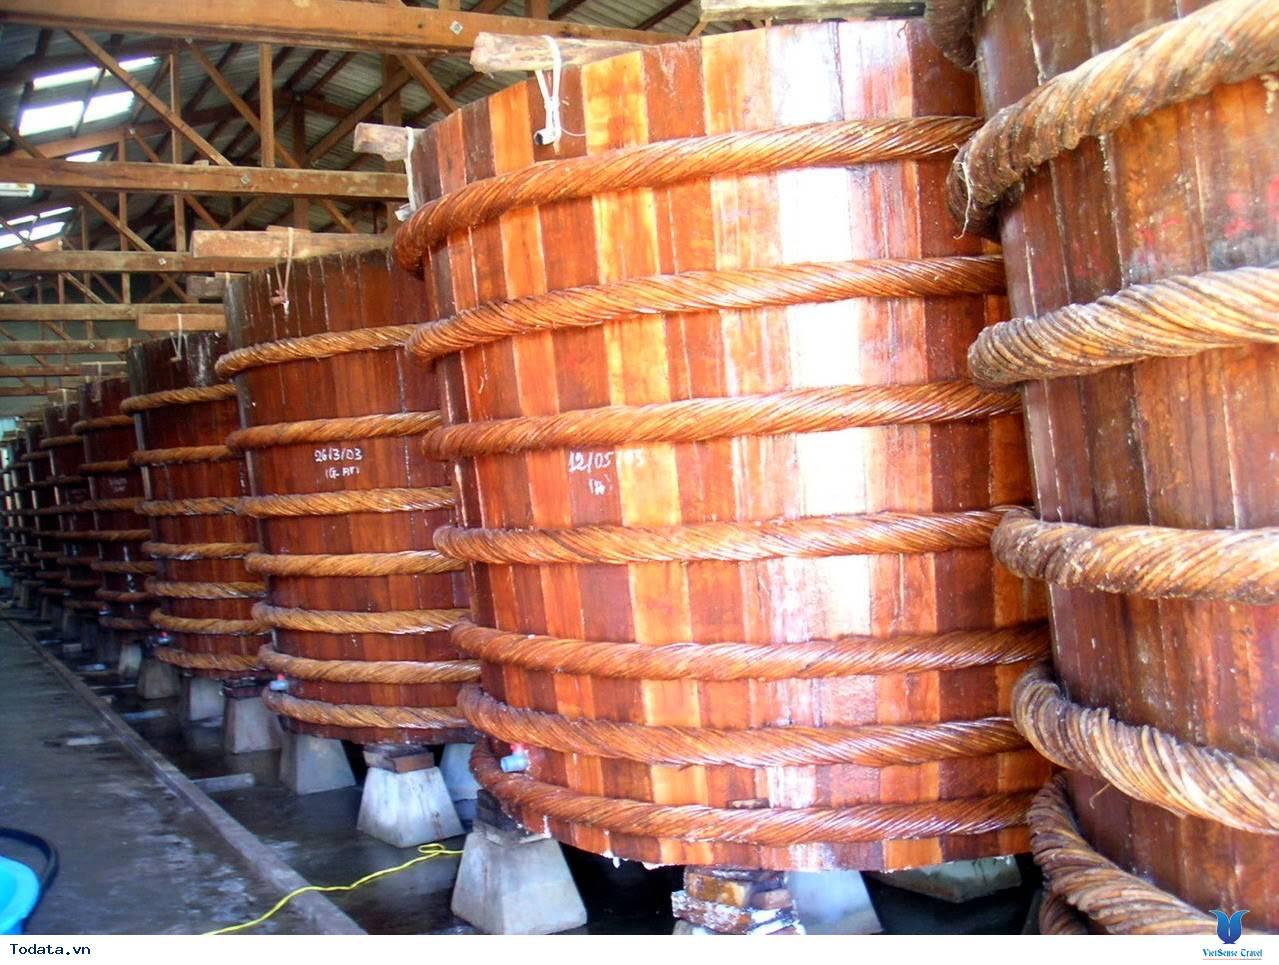 Trải nghiệm độc đáo tại nhà thùng sản xuất nước mắm Phú Quốc - Ảnh 4